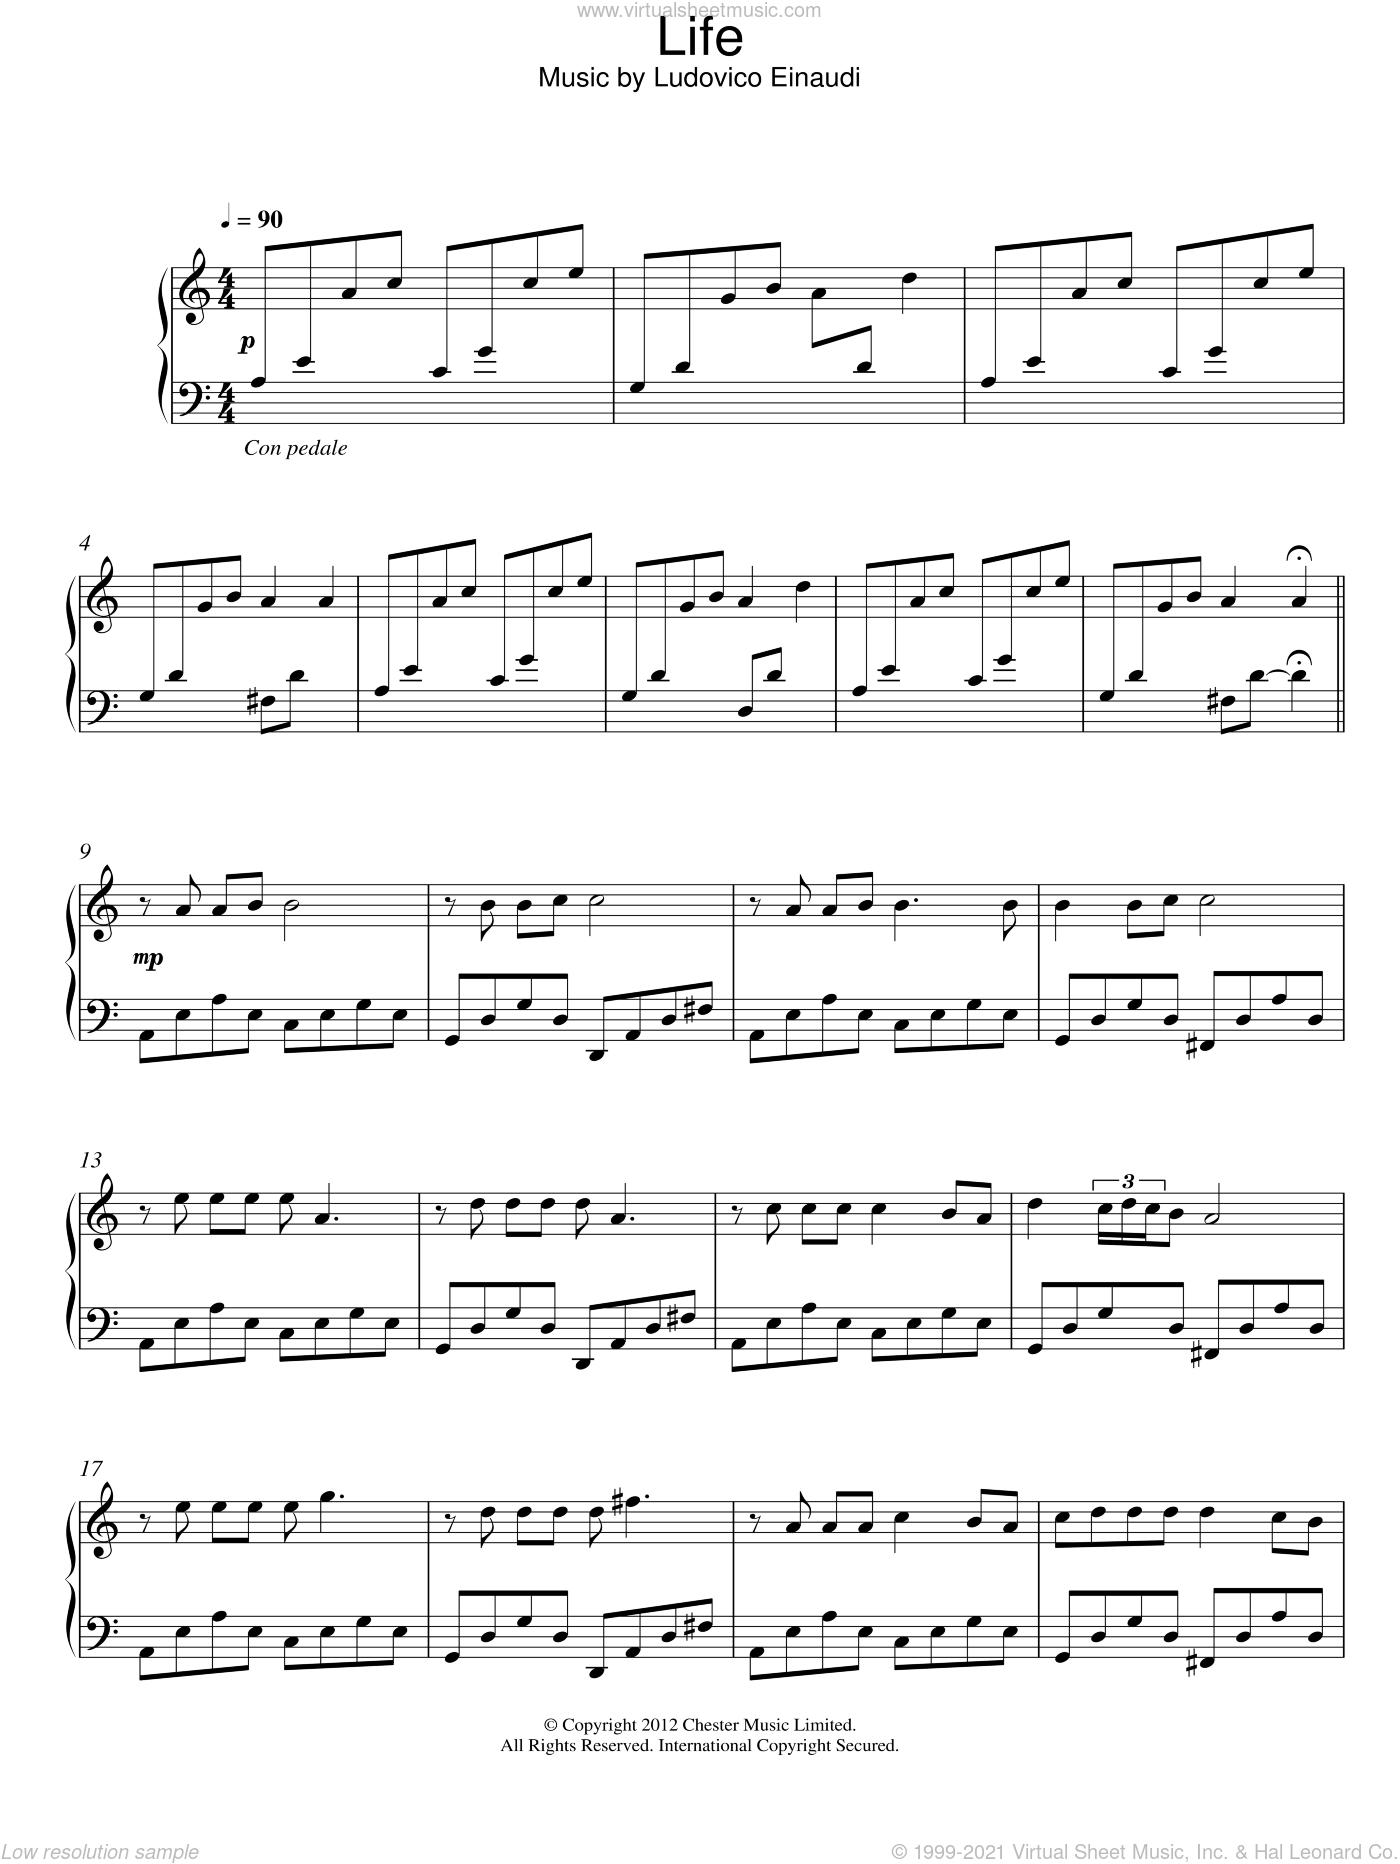 Life sheet music for piano solo by Ludovico Einaudi, classical score, intermediate skill level